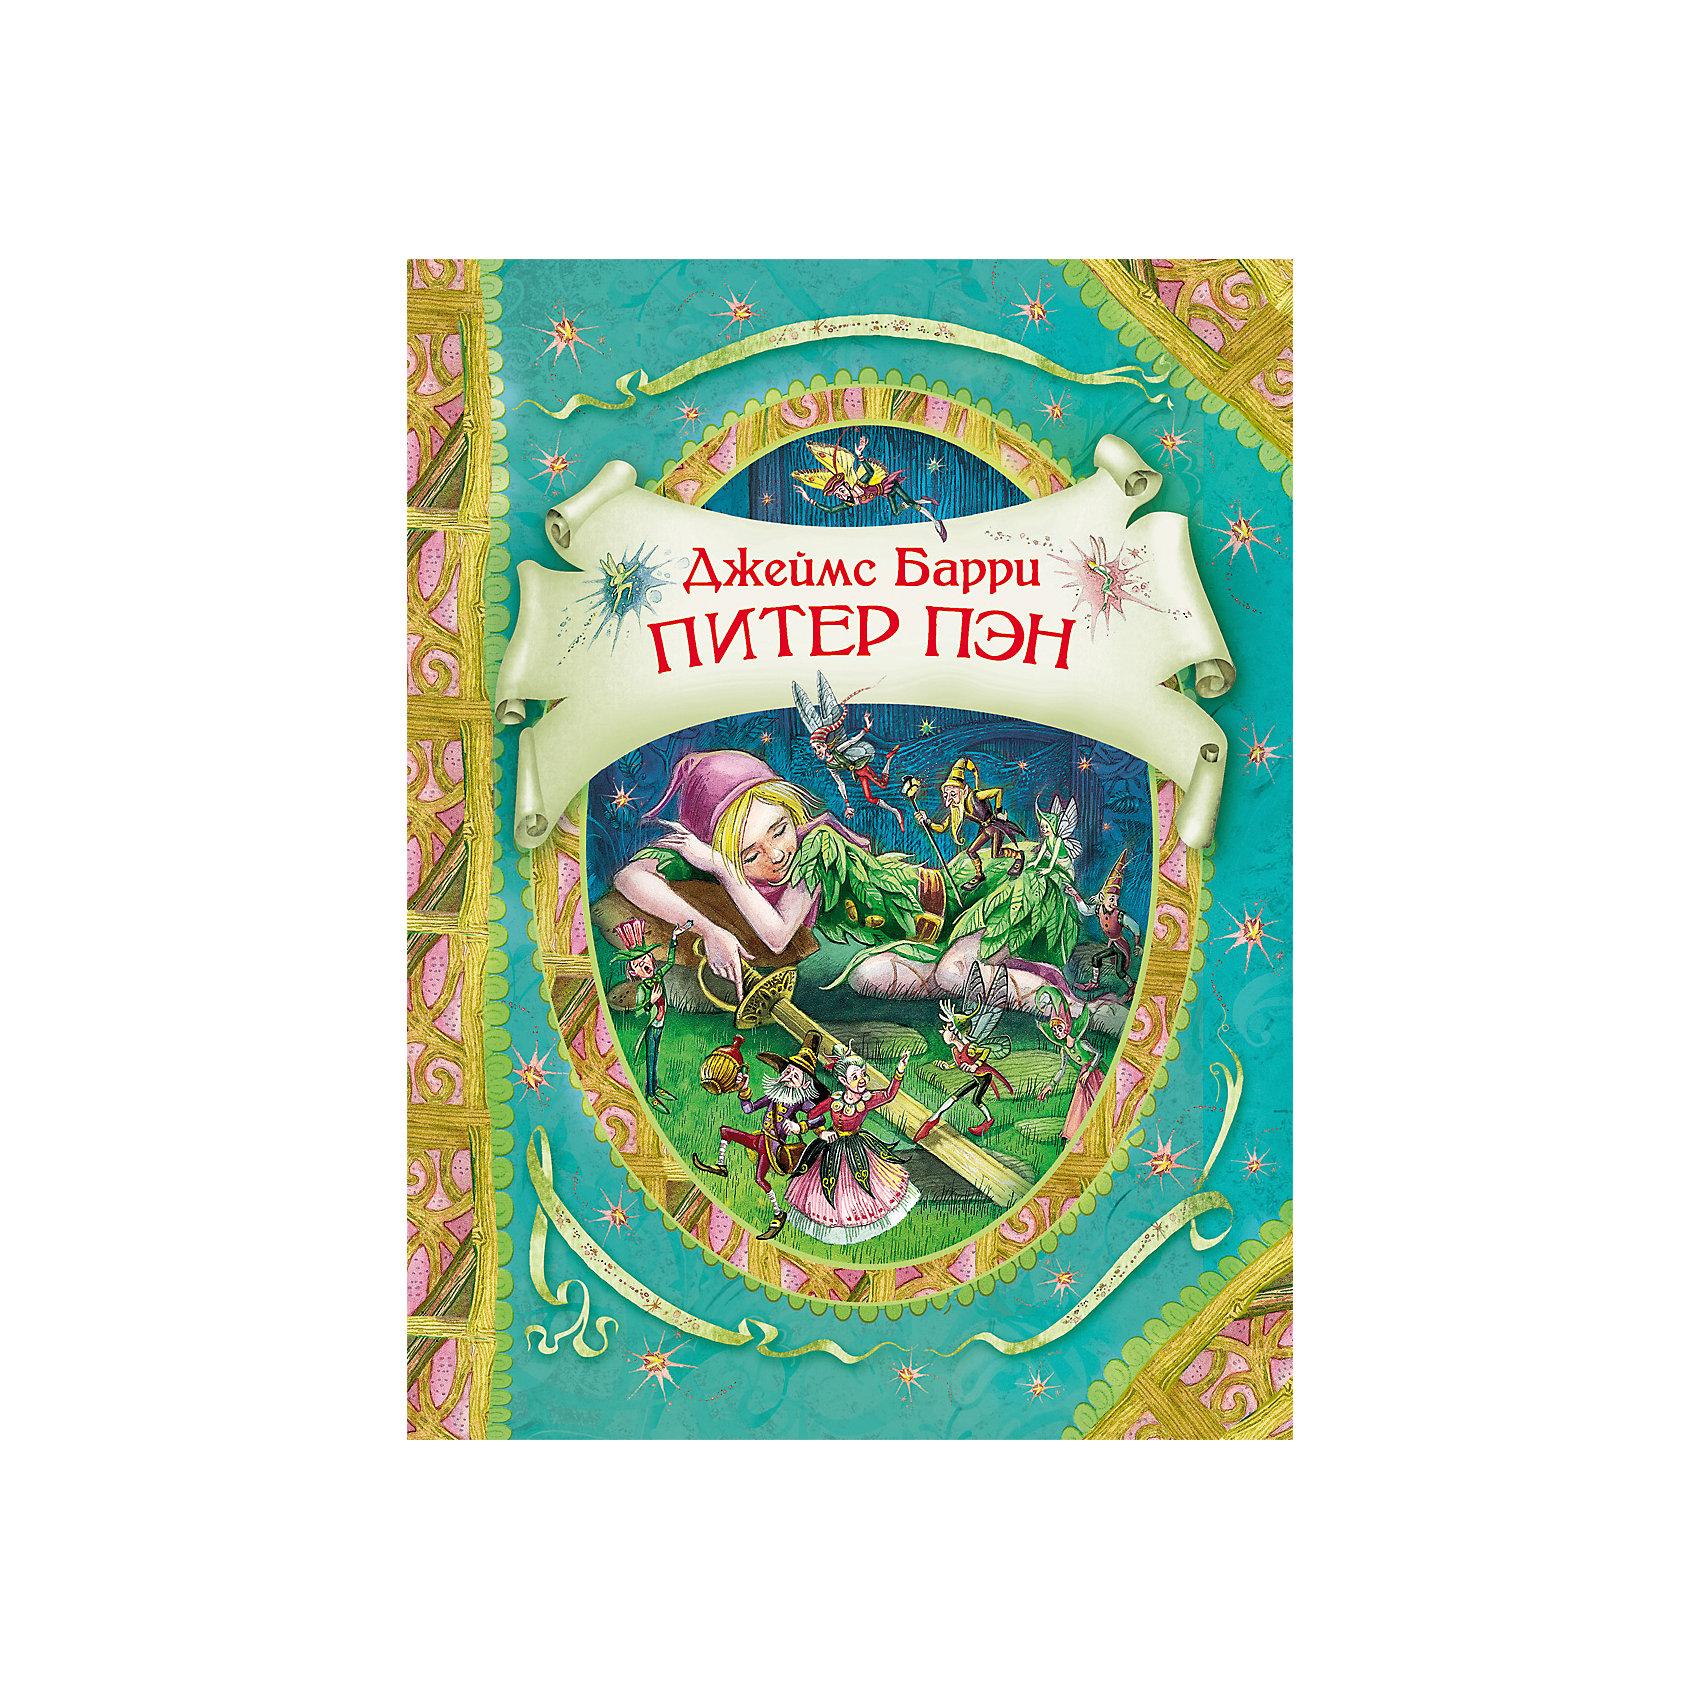 Питер Пэн, Д. Барри«Питер Пэн и Венди» – одно из лучших произведений мировой детской классики. Прежде всего, это чудесная сказка о необычном, умеющем летать  мальчике Питере Пэне, который не хочет взрослеть и всегда остается юным, озорным и беззаботным, и девочке Венди, которую он увлекает за собой на остров Нигде навстречу удивительным приключениям. Но, несмотря на сказочность, произведение заставляет серьезно задуматься над тем, как важно уметь ценить то, что имеешь, дорожить привязанностью близких, и так ли уж хорошо никогда не стареть? &#13;<br>Иллюстрации Максима Митрофанова, члена Союза художников. Максим – обладатель многочисленных призов и наград, в том числе приза 2012 года от авторитетного американского журнала Highlights for Children.  Работы художника находятся в музеях и частных коллекциях России и за рубежом.<br><br>Ширина мм: 265<br>Глубина мм: 205<br>Высота мм: 8<br>Вес г: 510<br>Возраст от месяцев: 60<br>Возраст до месяцев: 144<br>Пол: Унисекс<br>Возраст: Детский<br>SKU: 4782433